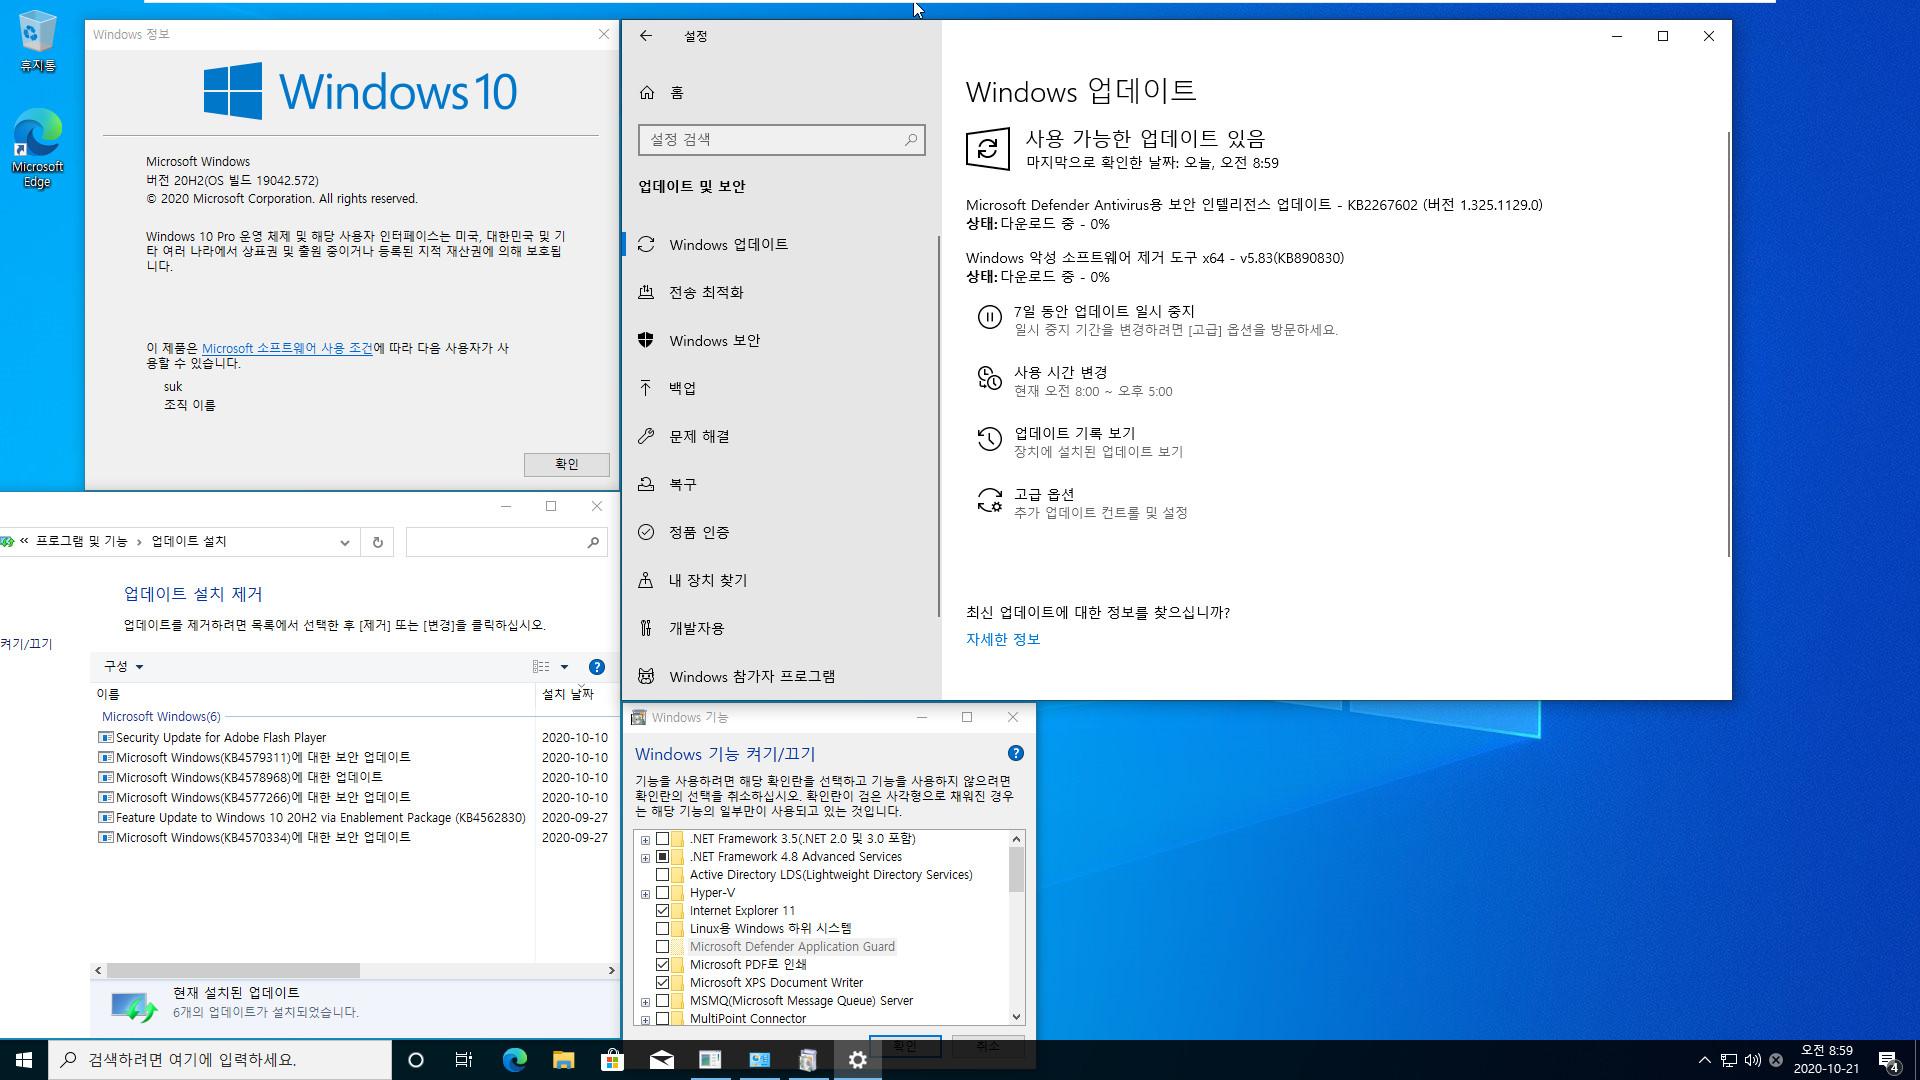 Windows 10 버전 2009 (20H2) 정식 출시되었네요 - MSDN은 19042.508 빌드 9월 정기 업데이트인데, ms 홈페이지는 19042.572 빌드 10월 정기 업데이트네요 - 다운로드하고 윈도우 설치하여 확인해봅니다-윈도우 업데이트 확인-최신 상태네요 2020-10-21_085929.jpg